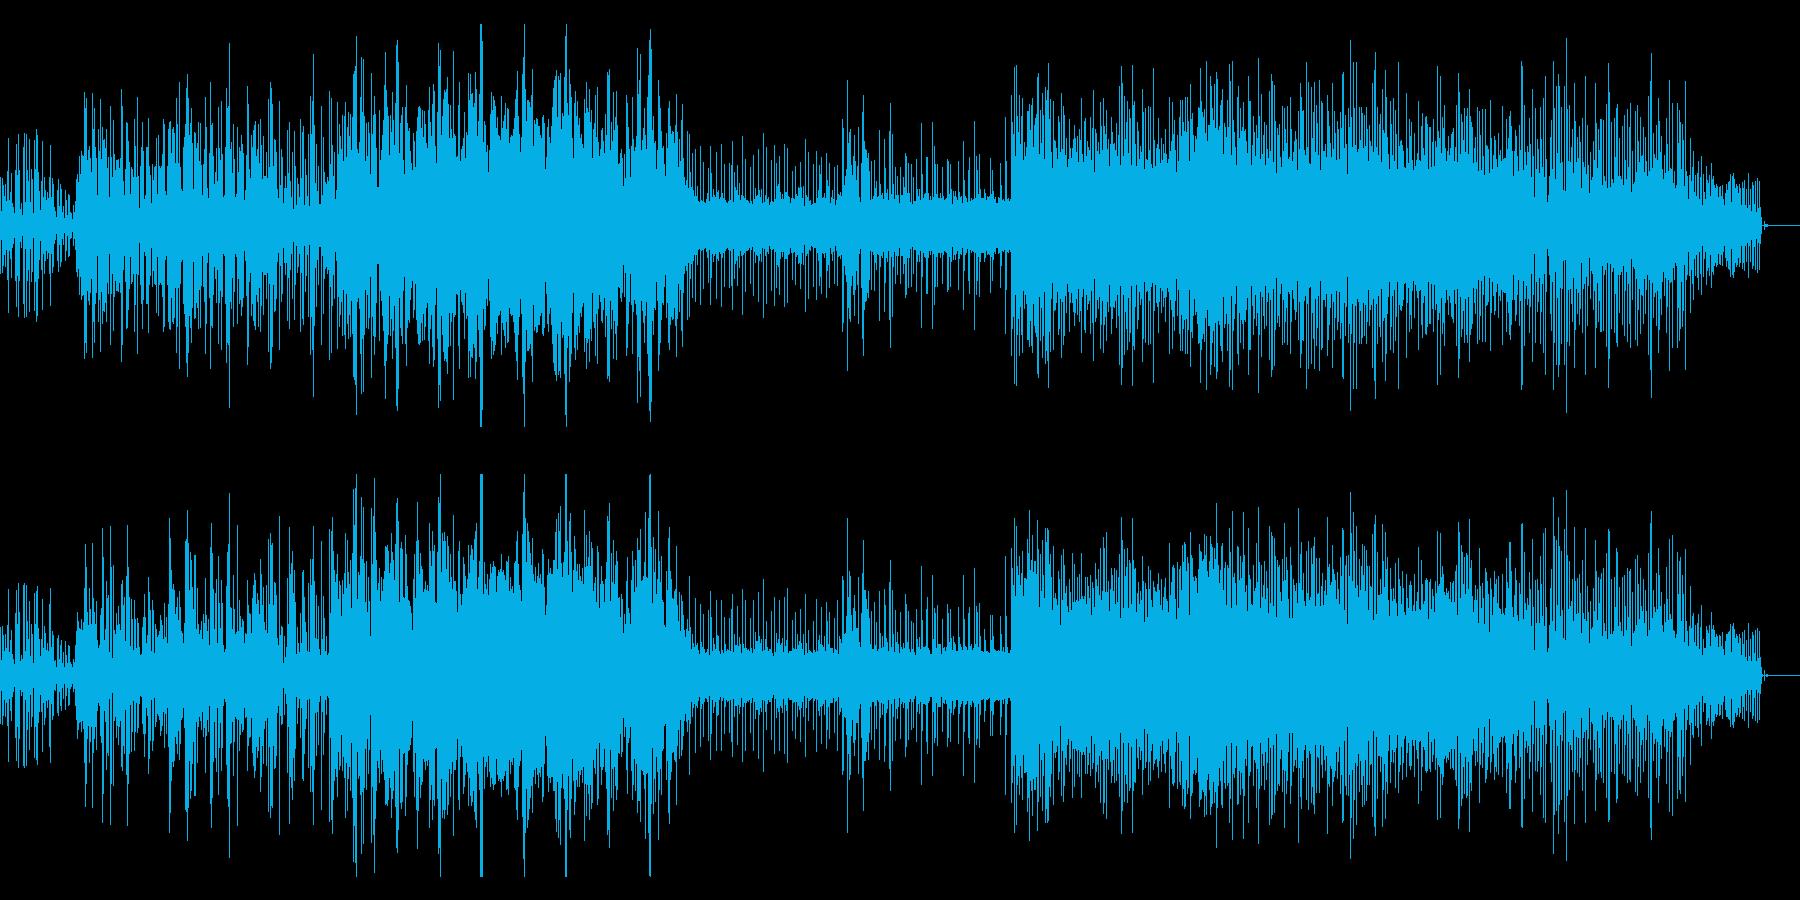 リズムのモタった独特なIDMの再生済みの波形